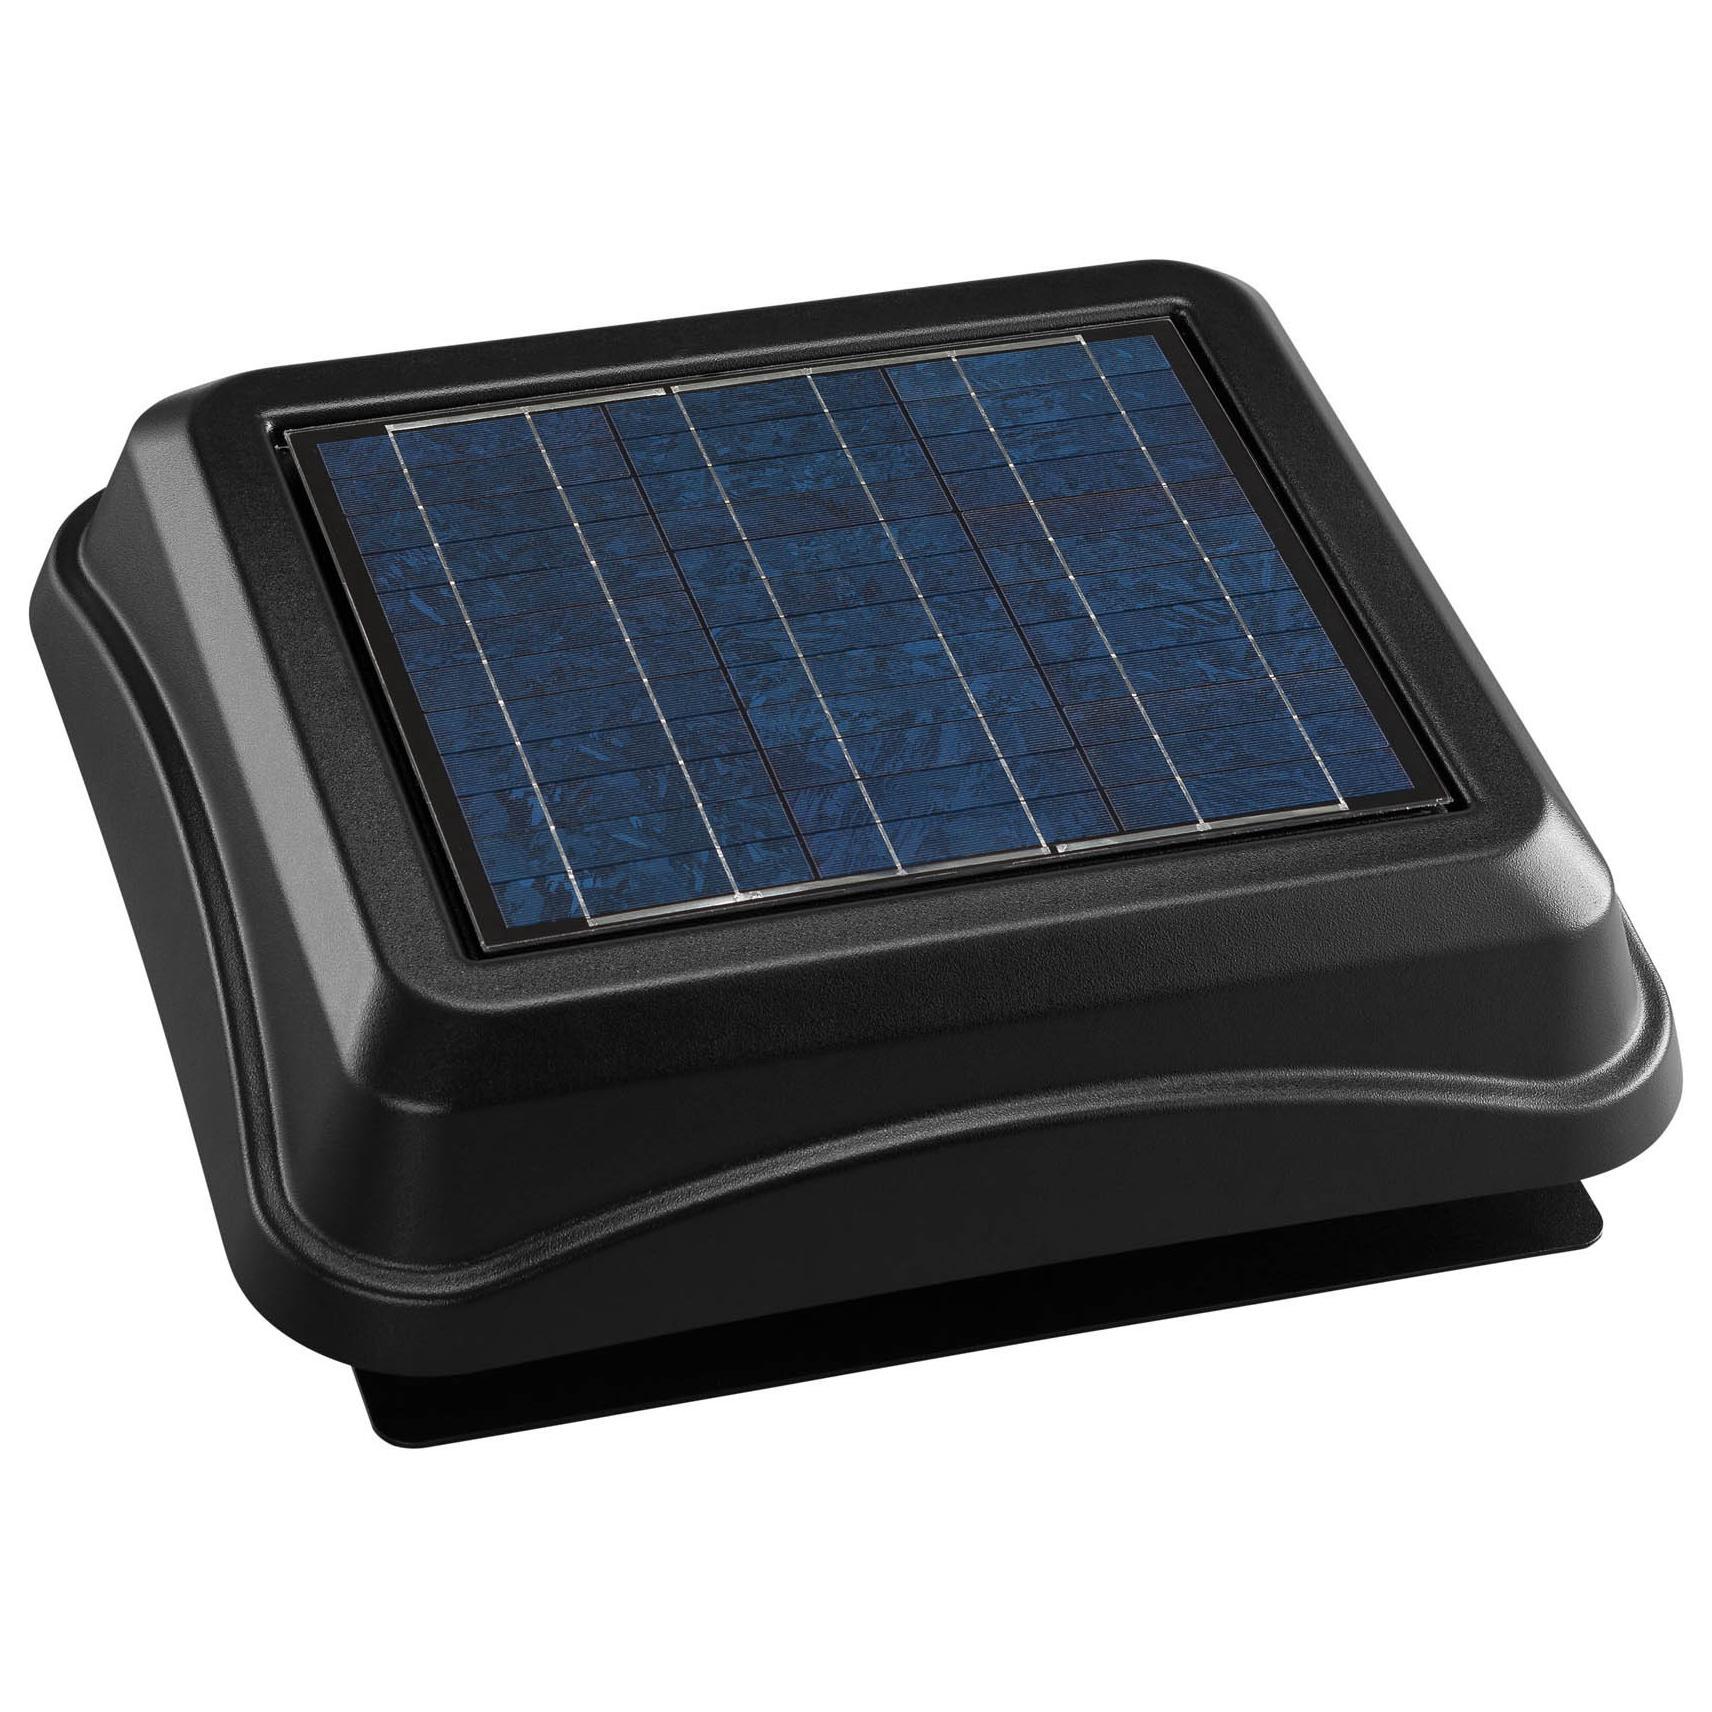 Solar star attic fan complaints - View Larger